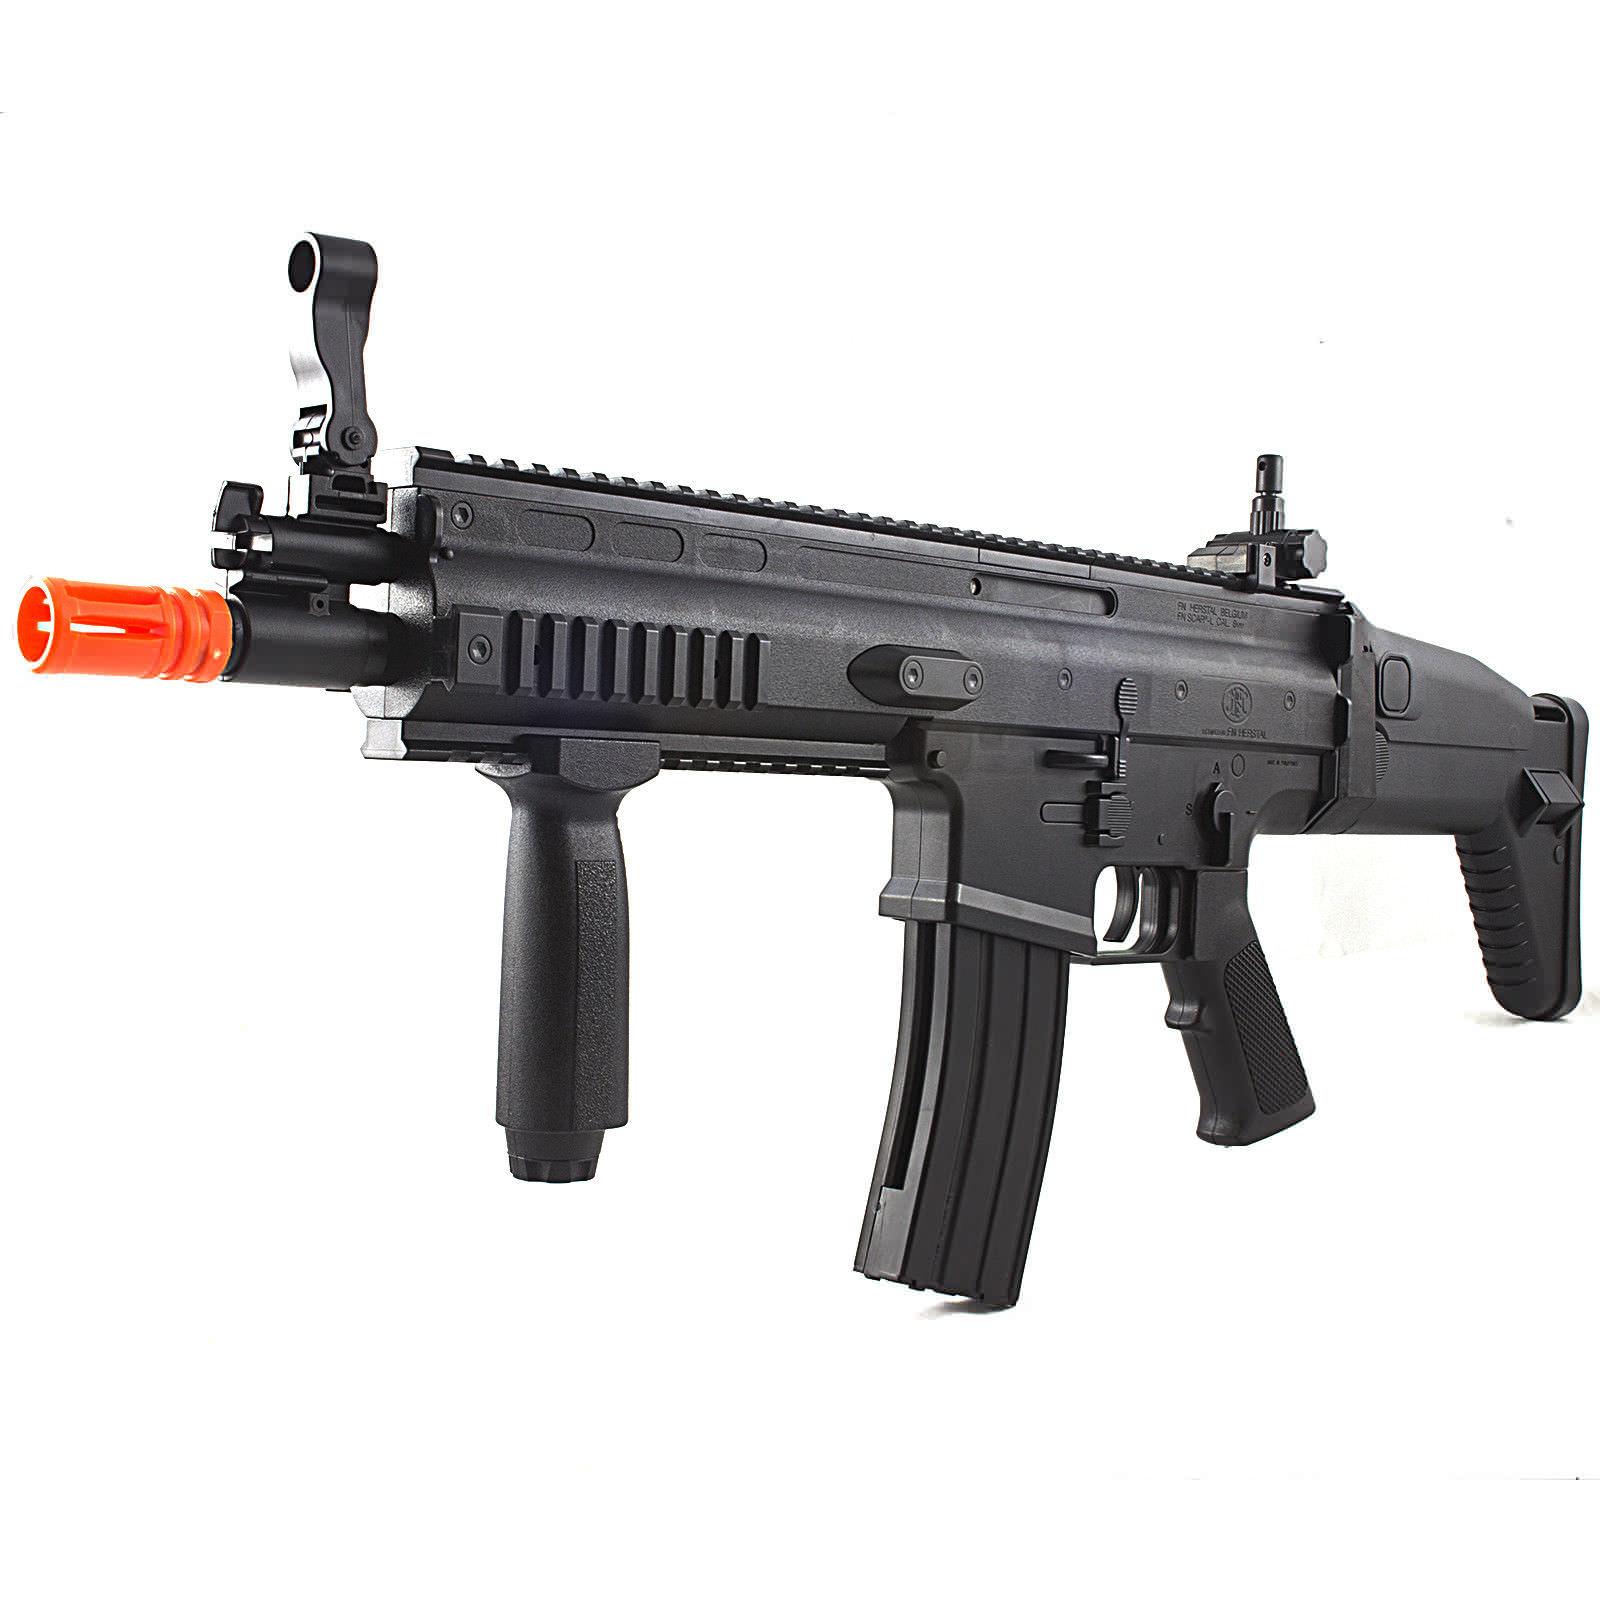 Fn Herstal Scar L Mk16 Tacitcal Spring Airsoft Rifle Gun Fps 400 Air Soft